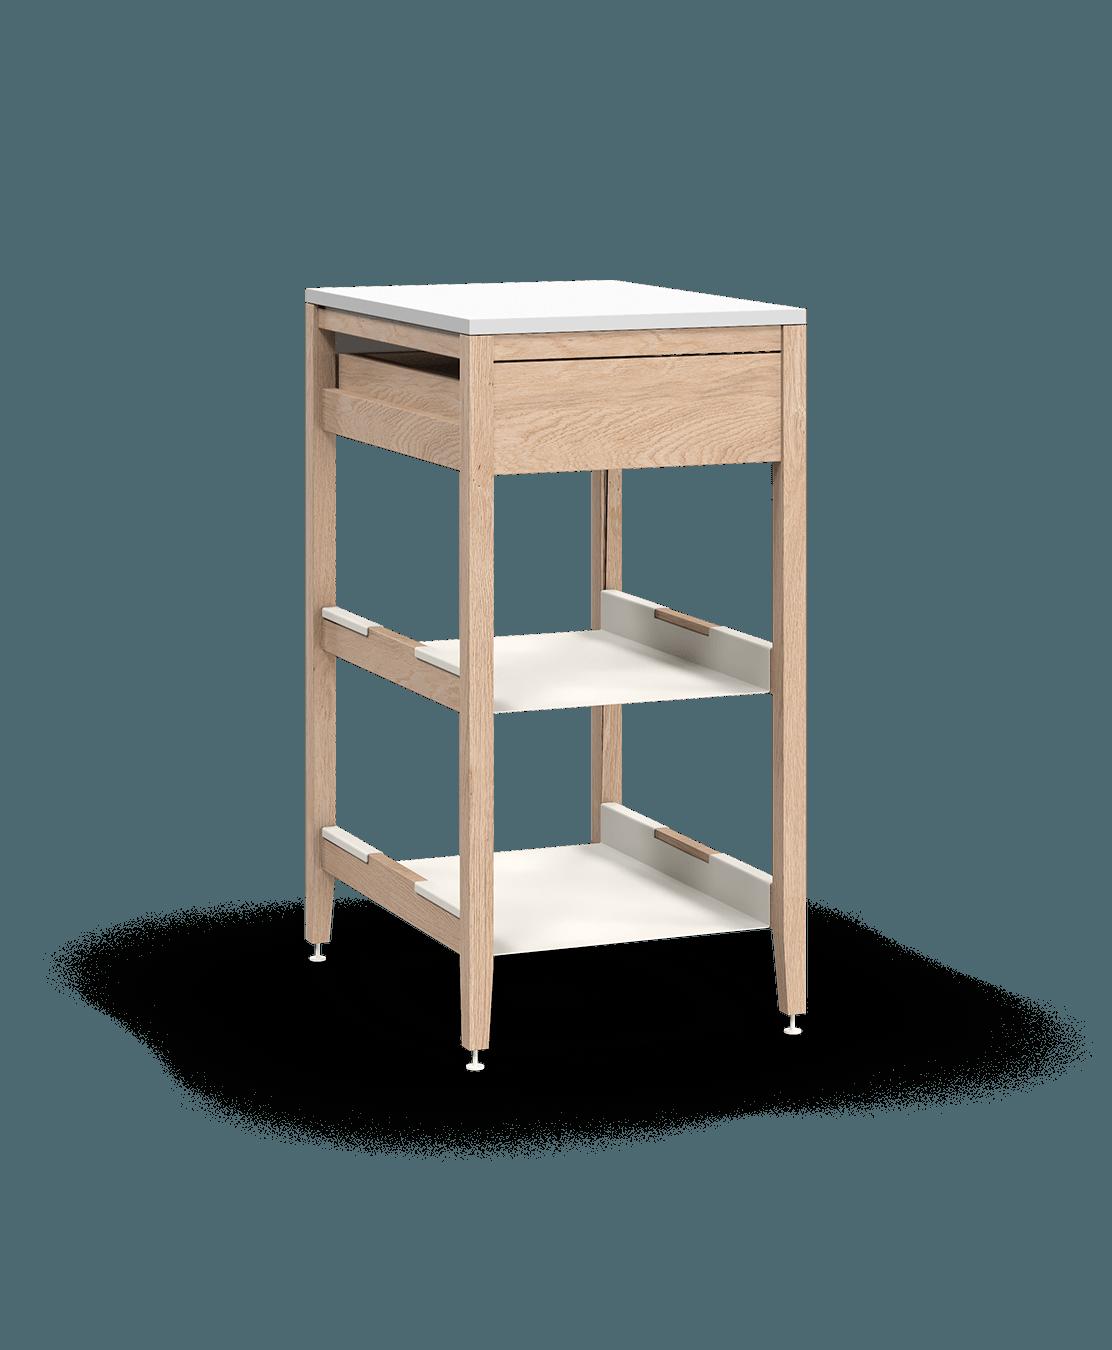 armoire de cuisine modulaire inférieure en bois massif coquo radix avec 2 tablettes 1 tiroir chêne blanc 21 pouces C1-C-21SB-1023-NA